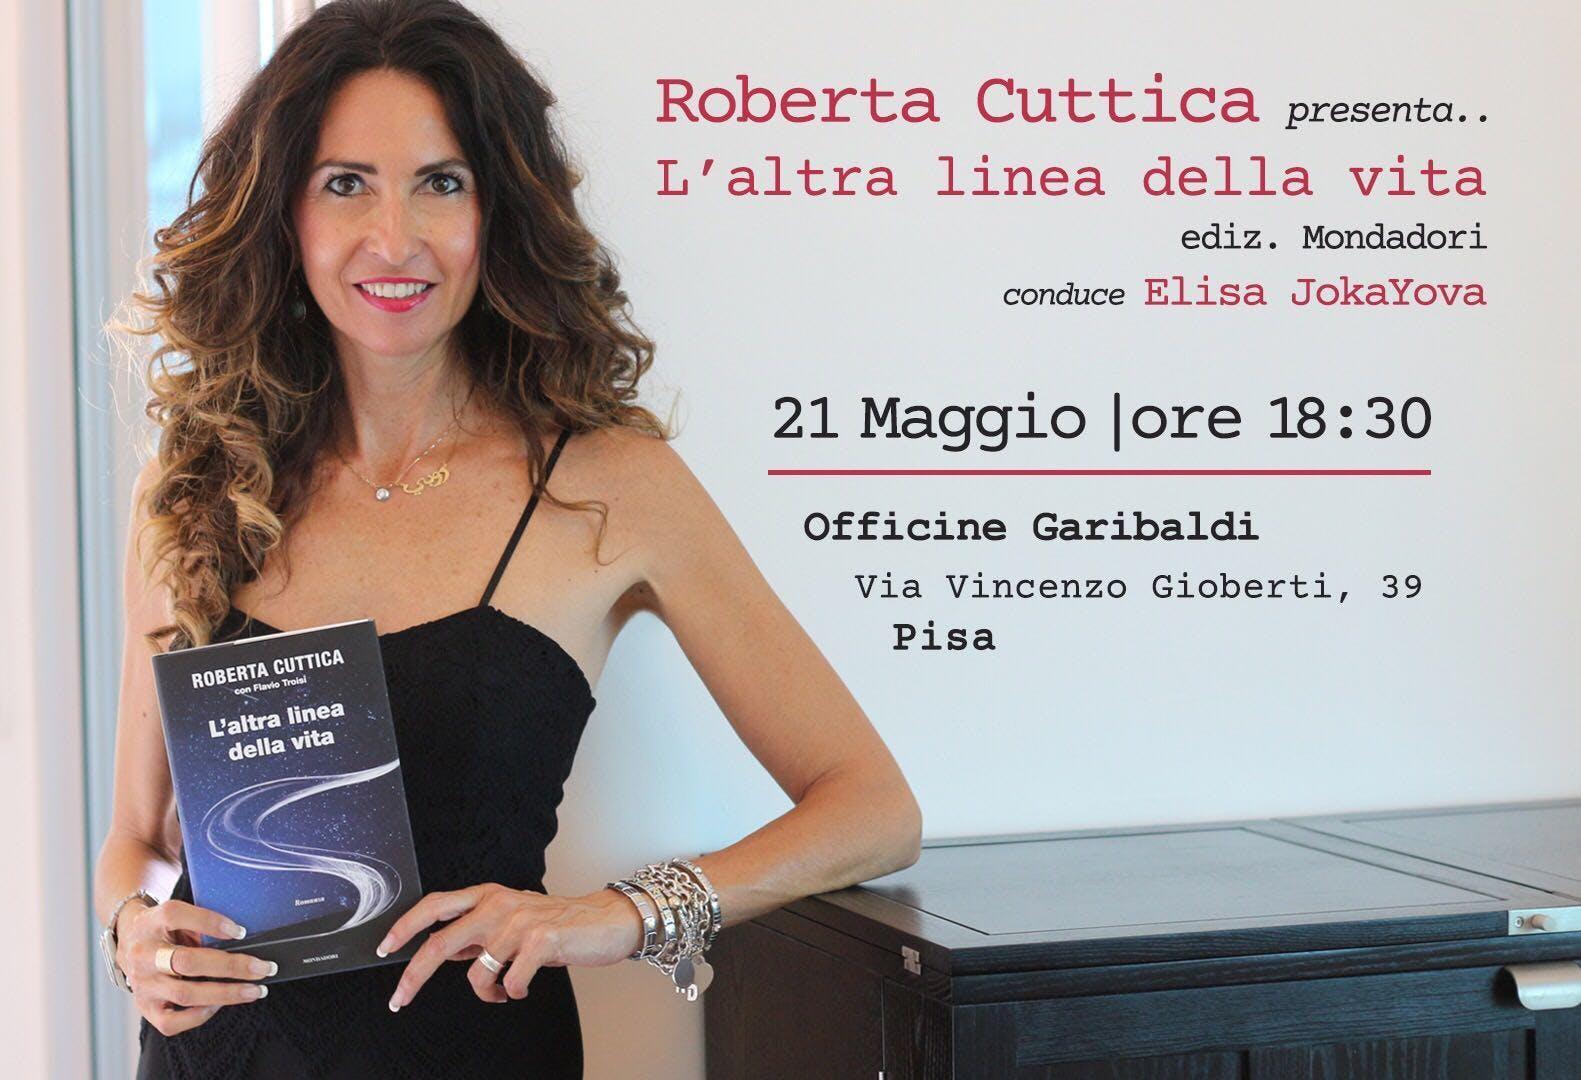 Roberta Cuttica - L'altra linea della vita